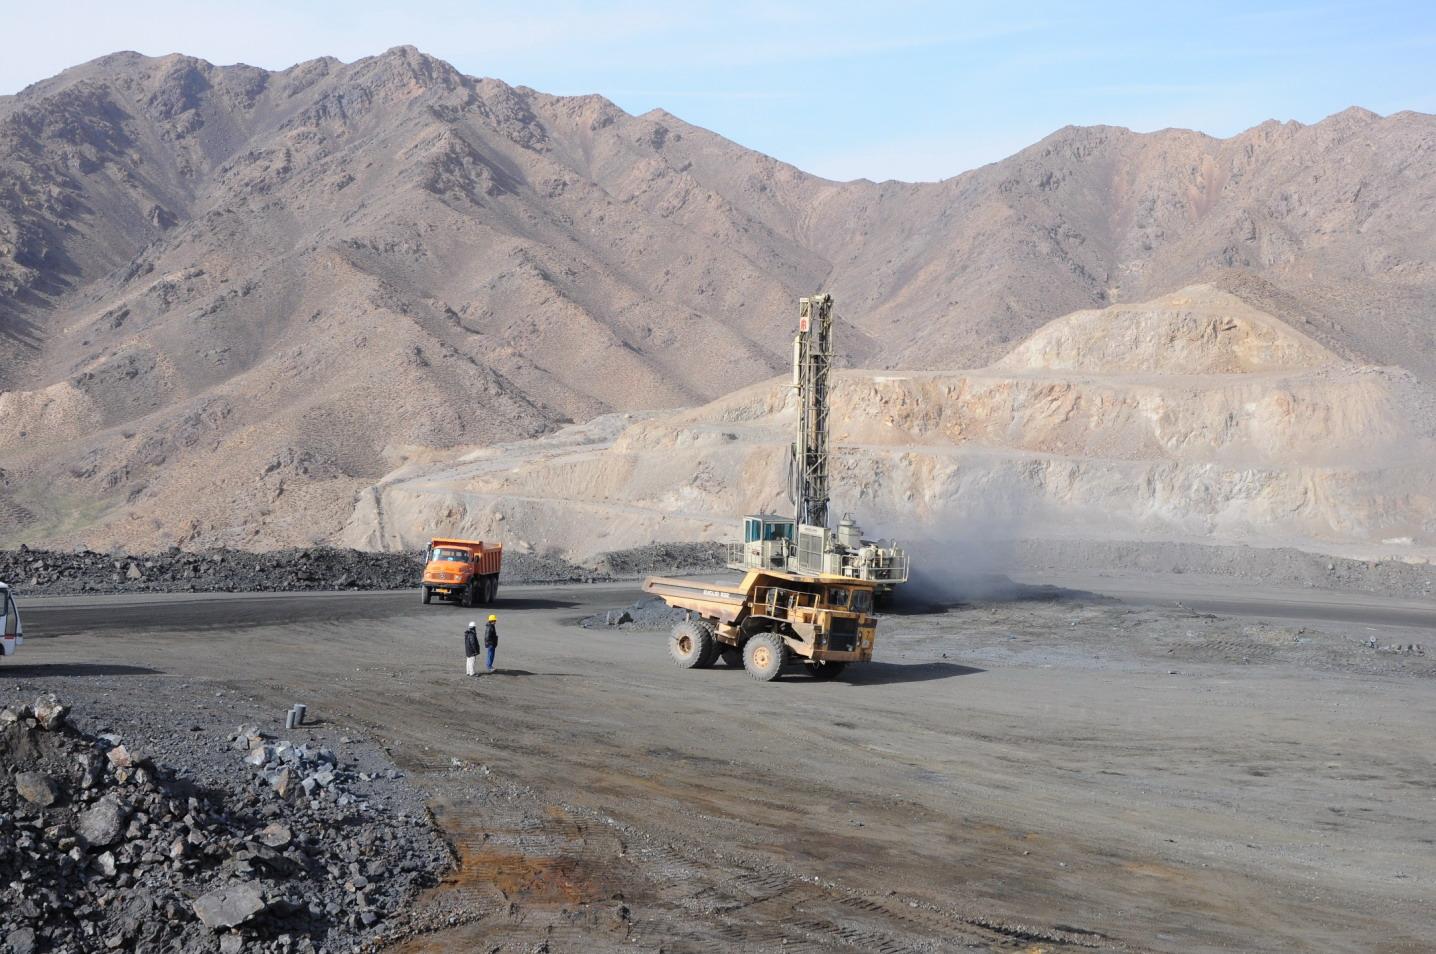 معدن سنگان به یکی از 10 معدن بزرگ دنیا تبدیل می شود